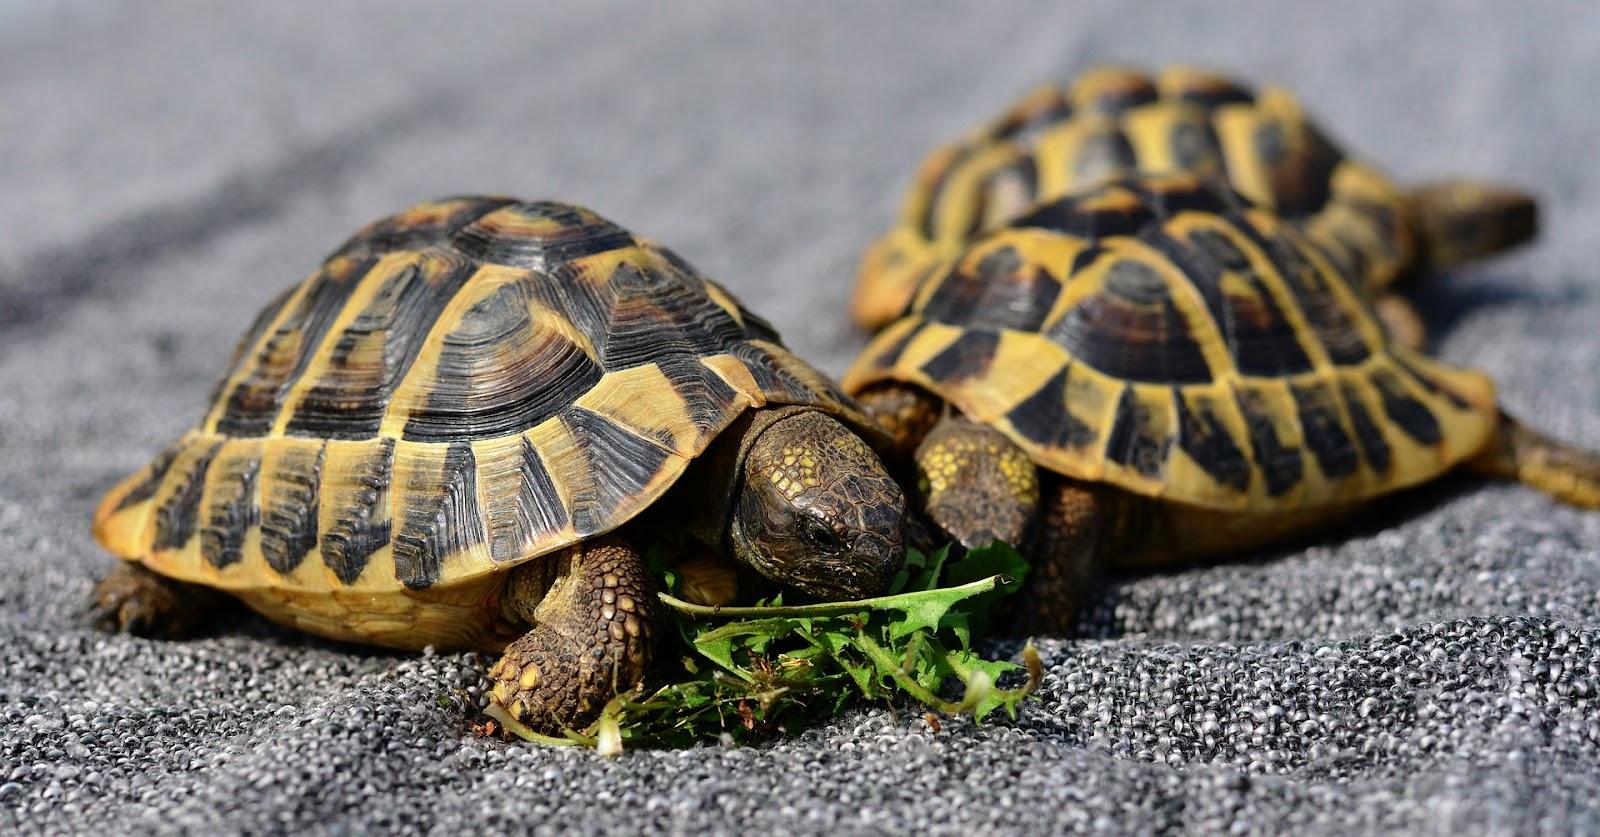 A few tortoises eating letuce